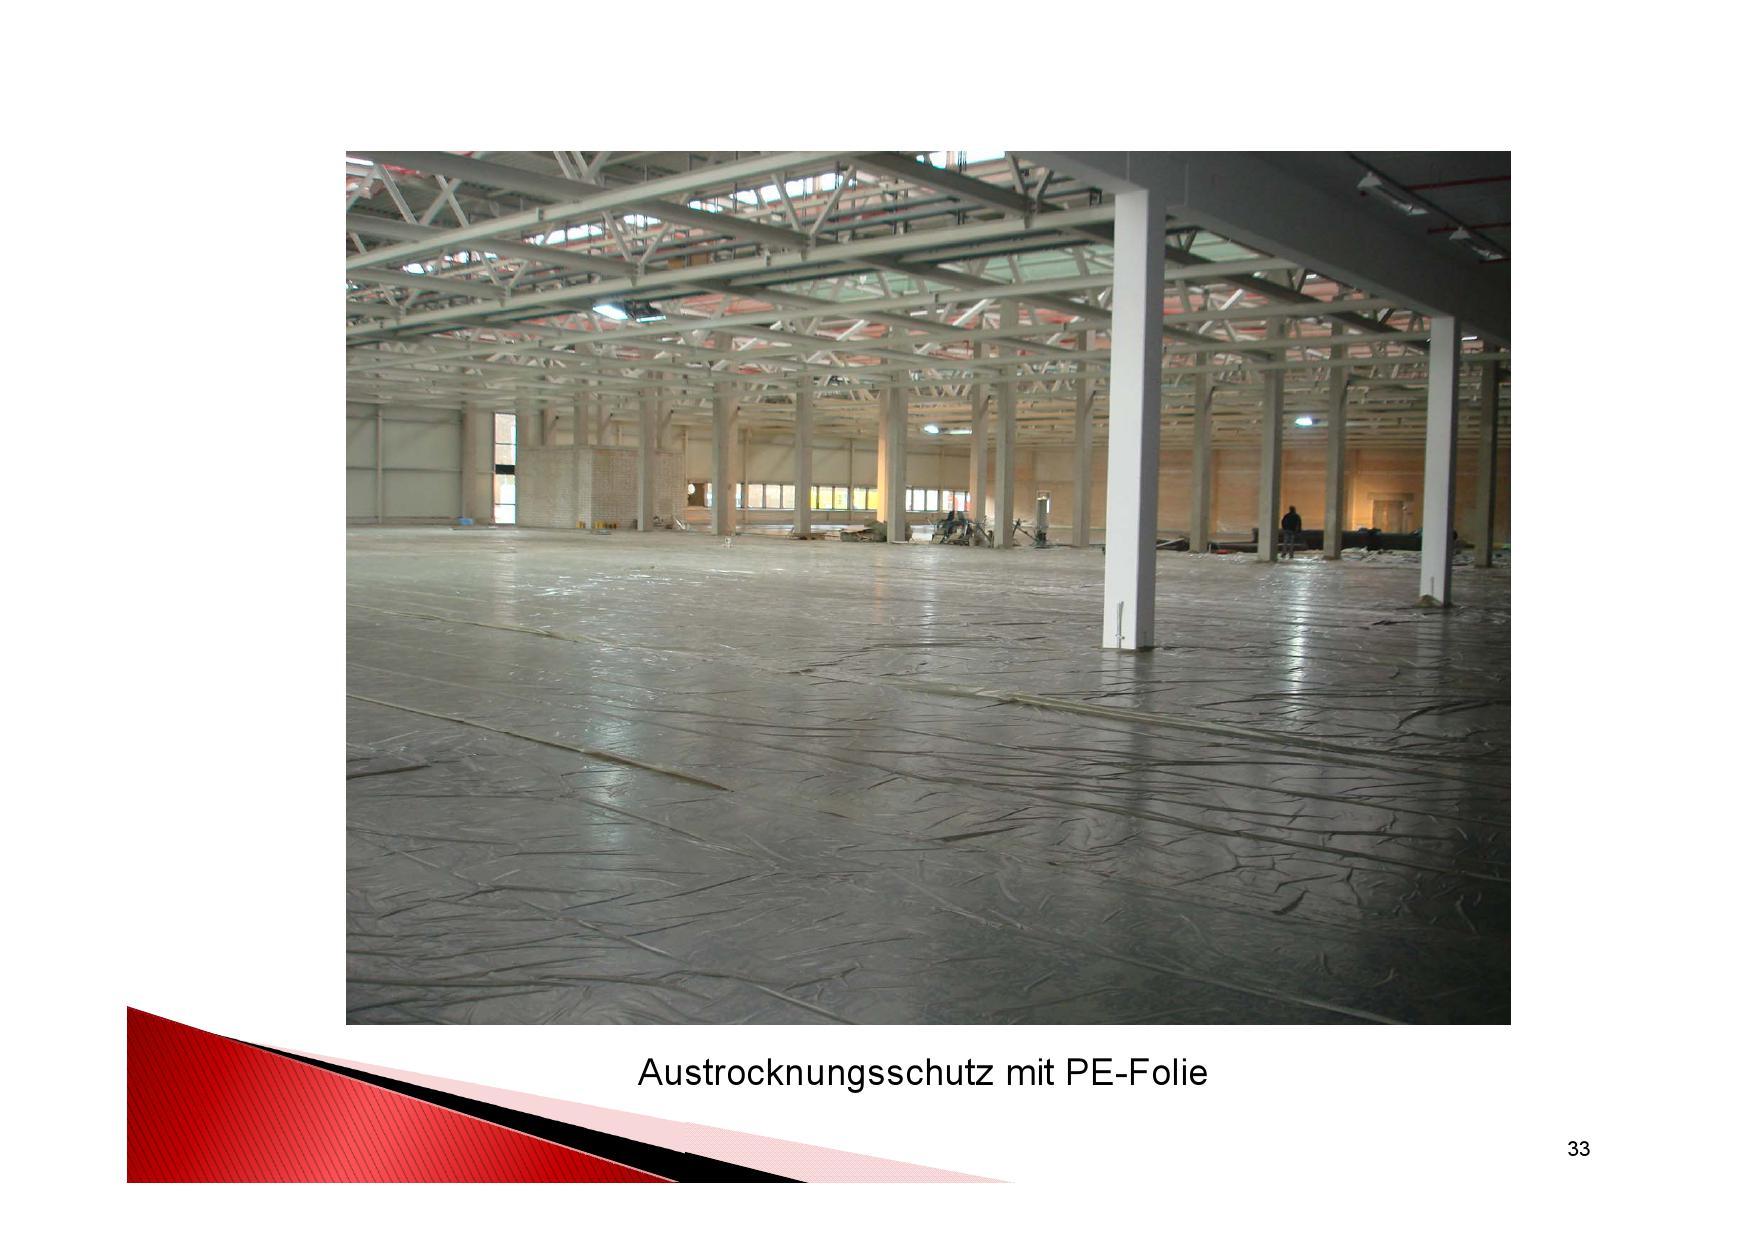 Industrieboden Herstellung: Austrocknungsschutz mit PE-Folie